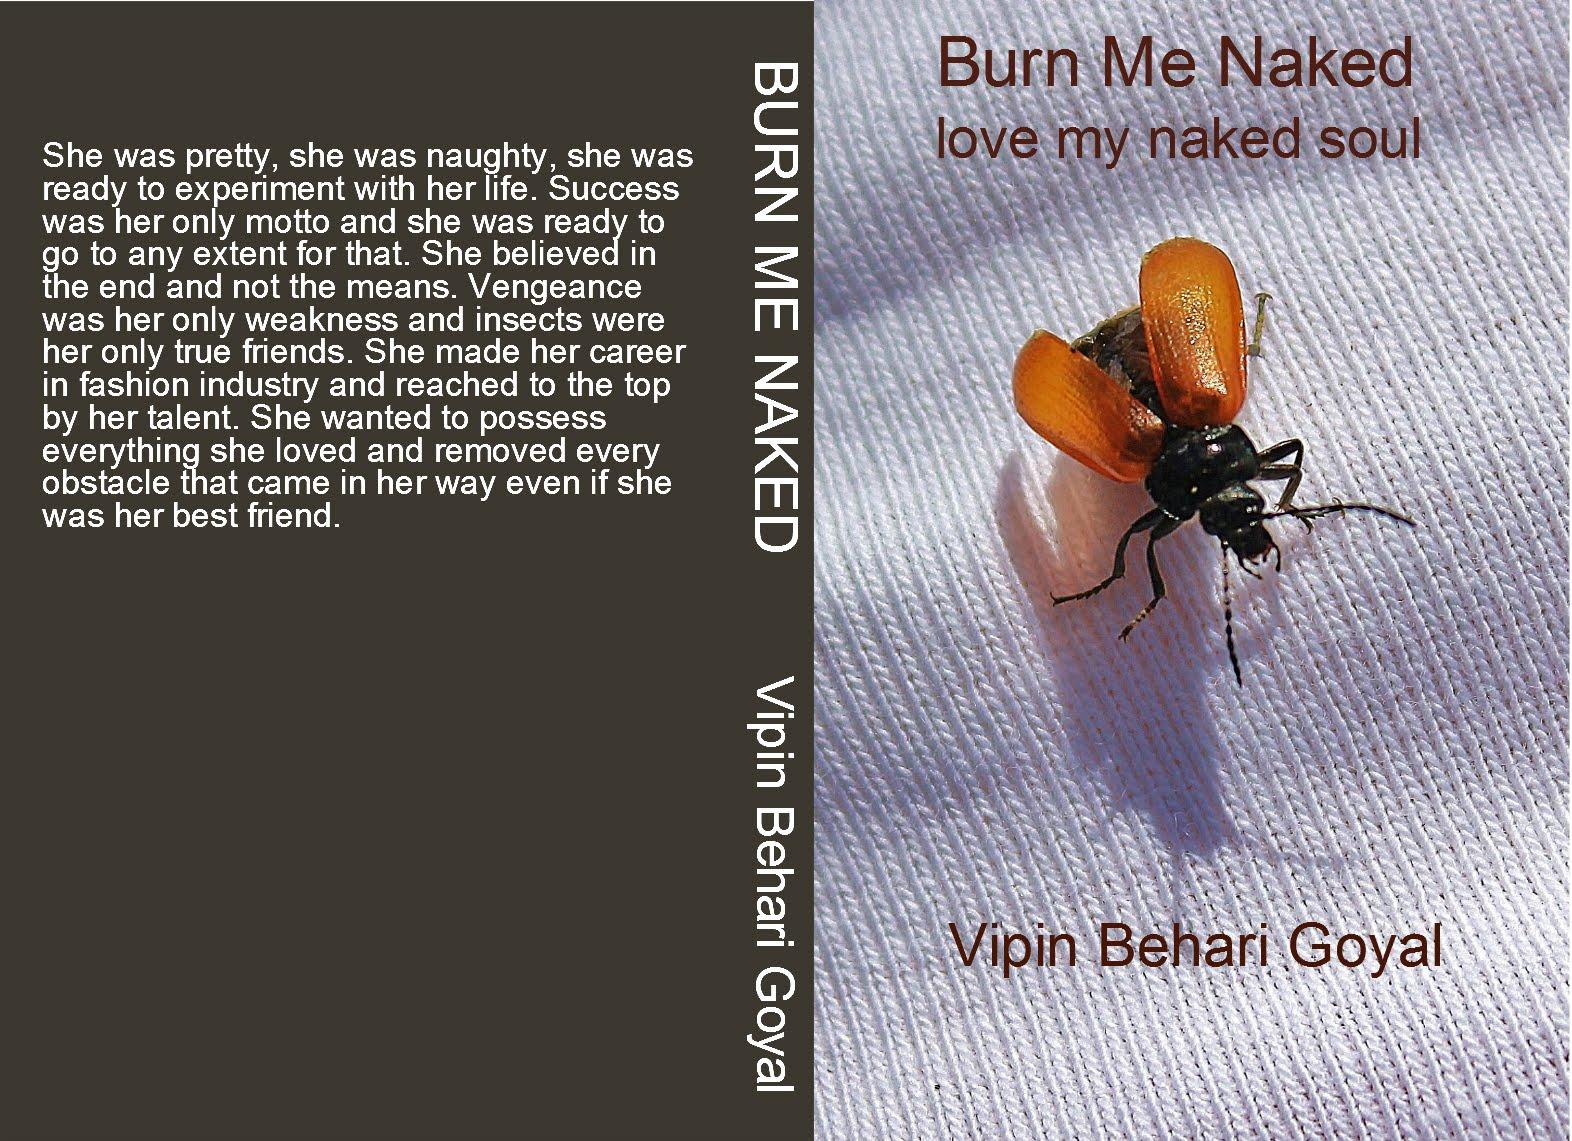 Burn Me Naked